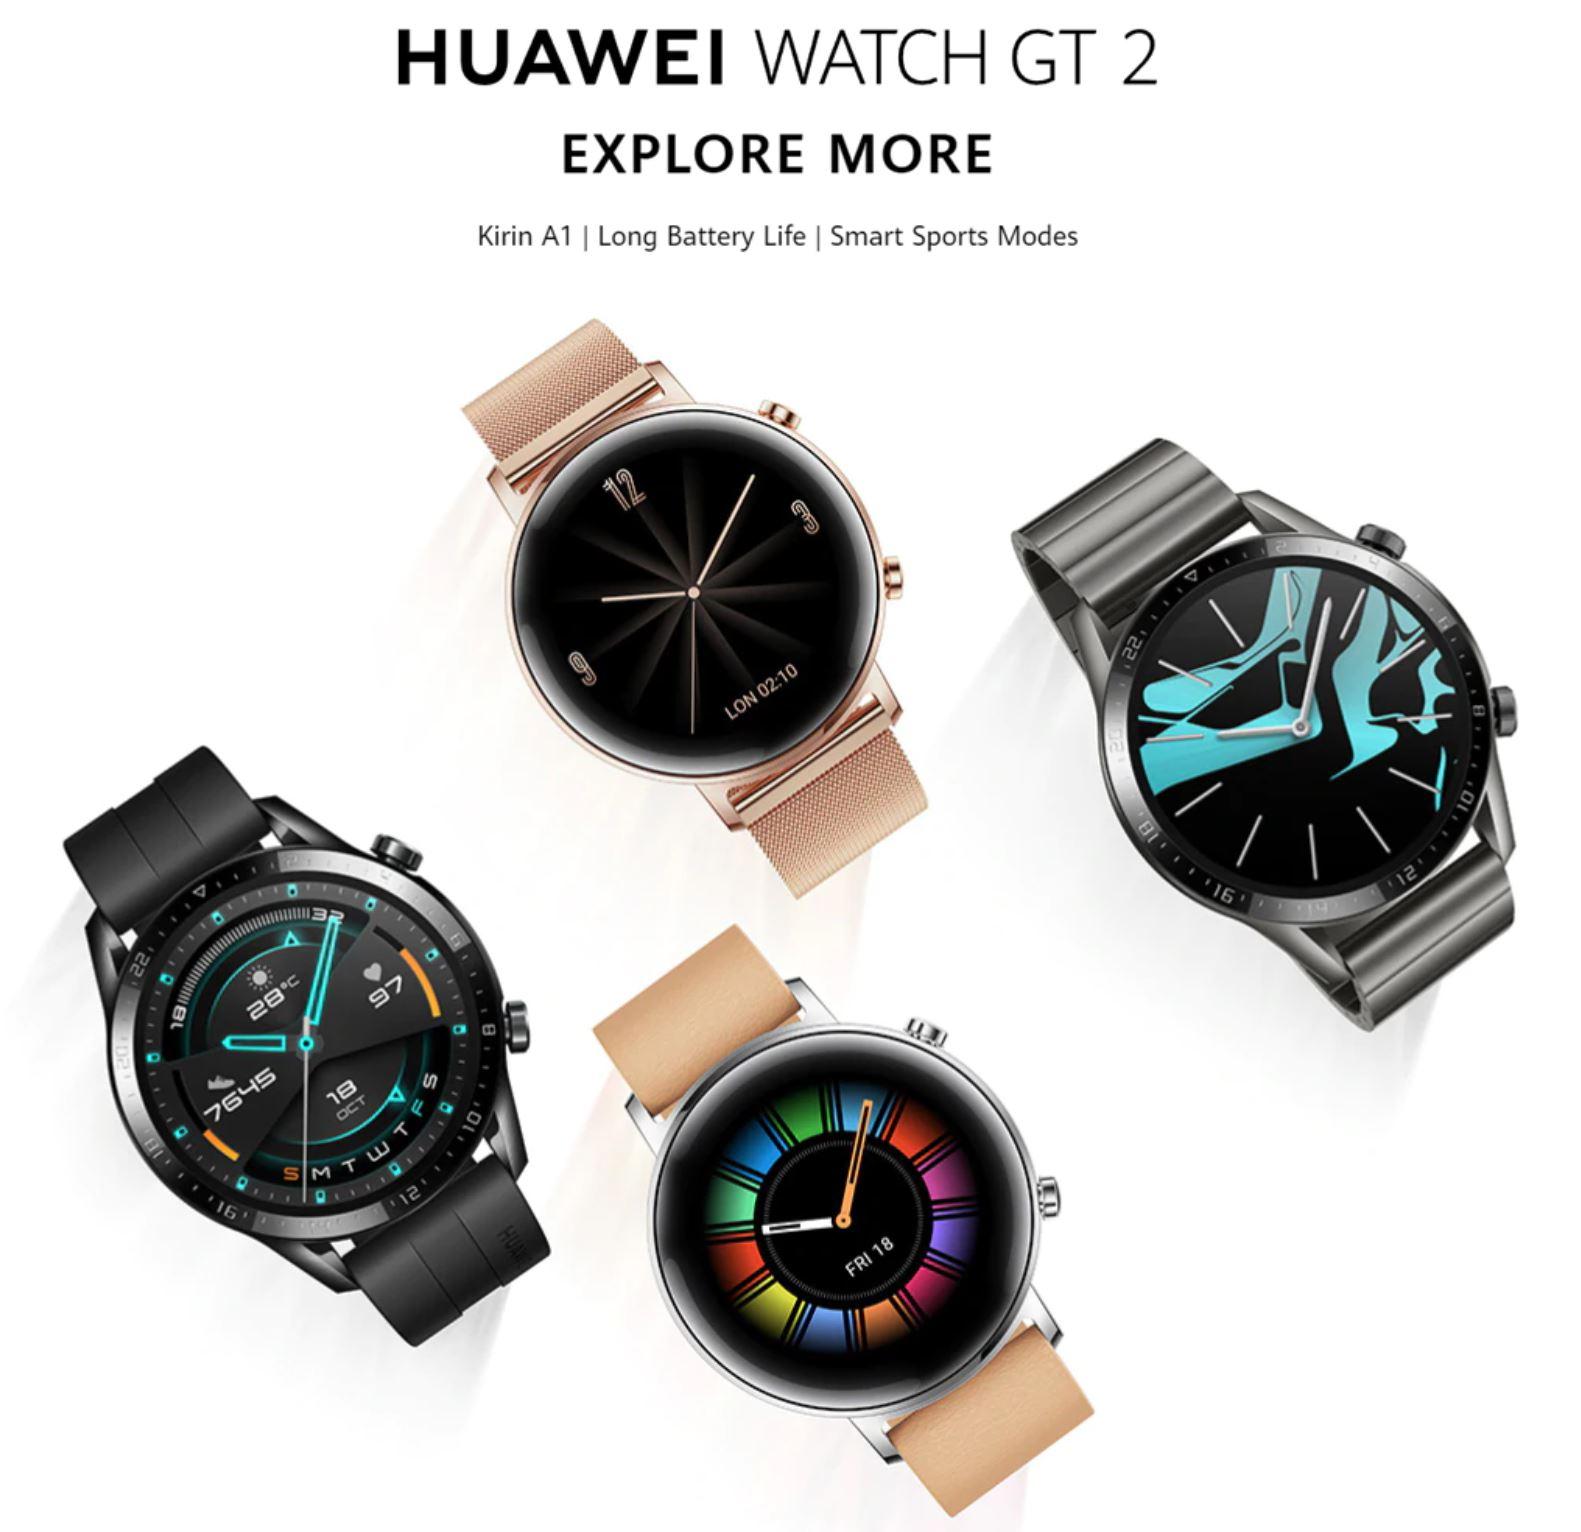 Smartwatche z Aliexpress - bogata oferta w rewelacyjnie niskich cenach - Huawei Watch GT 2